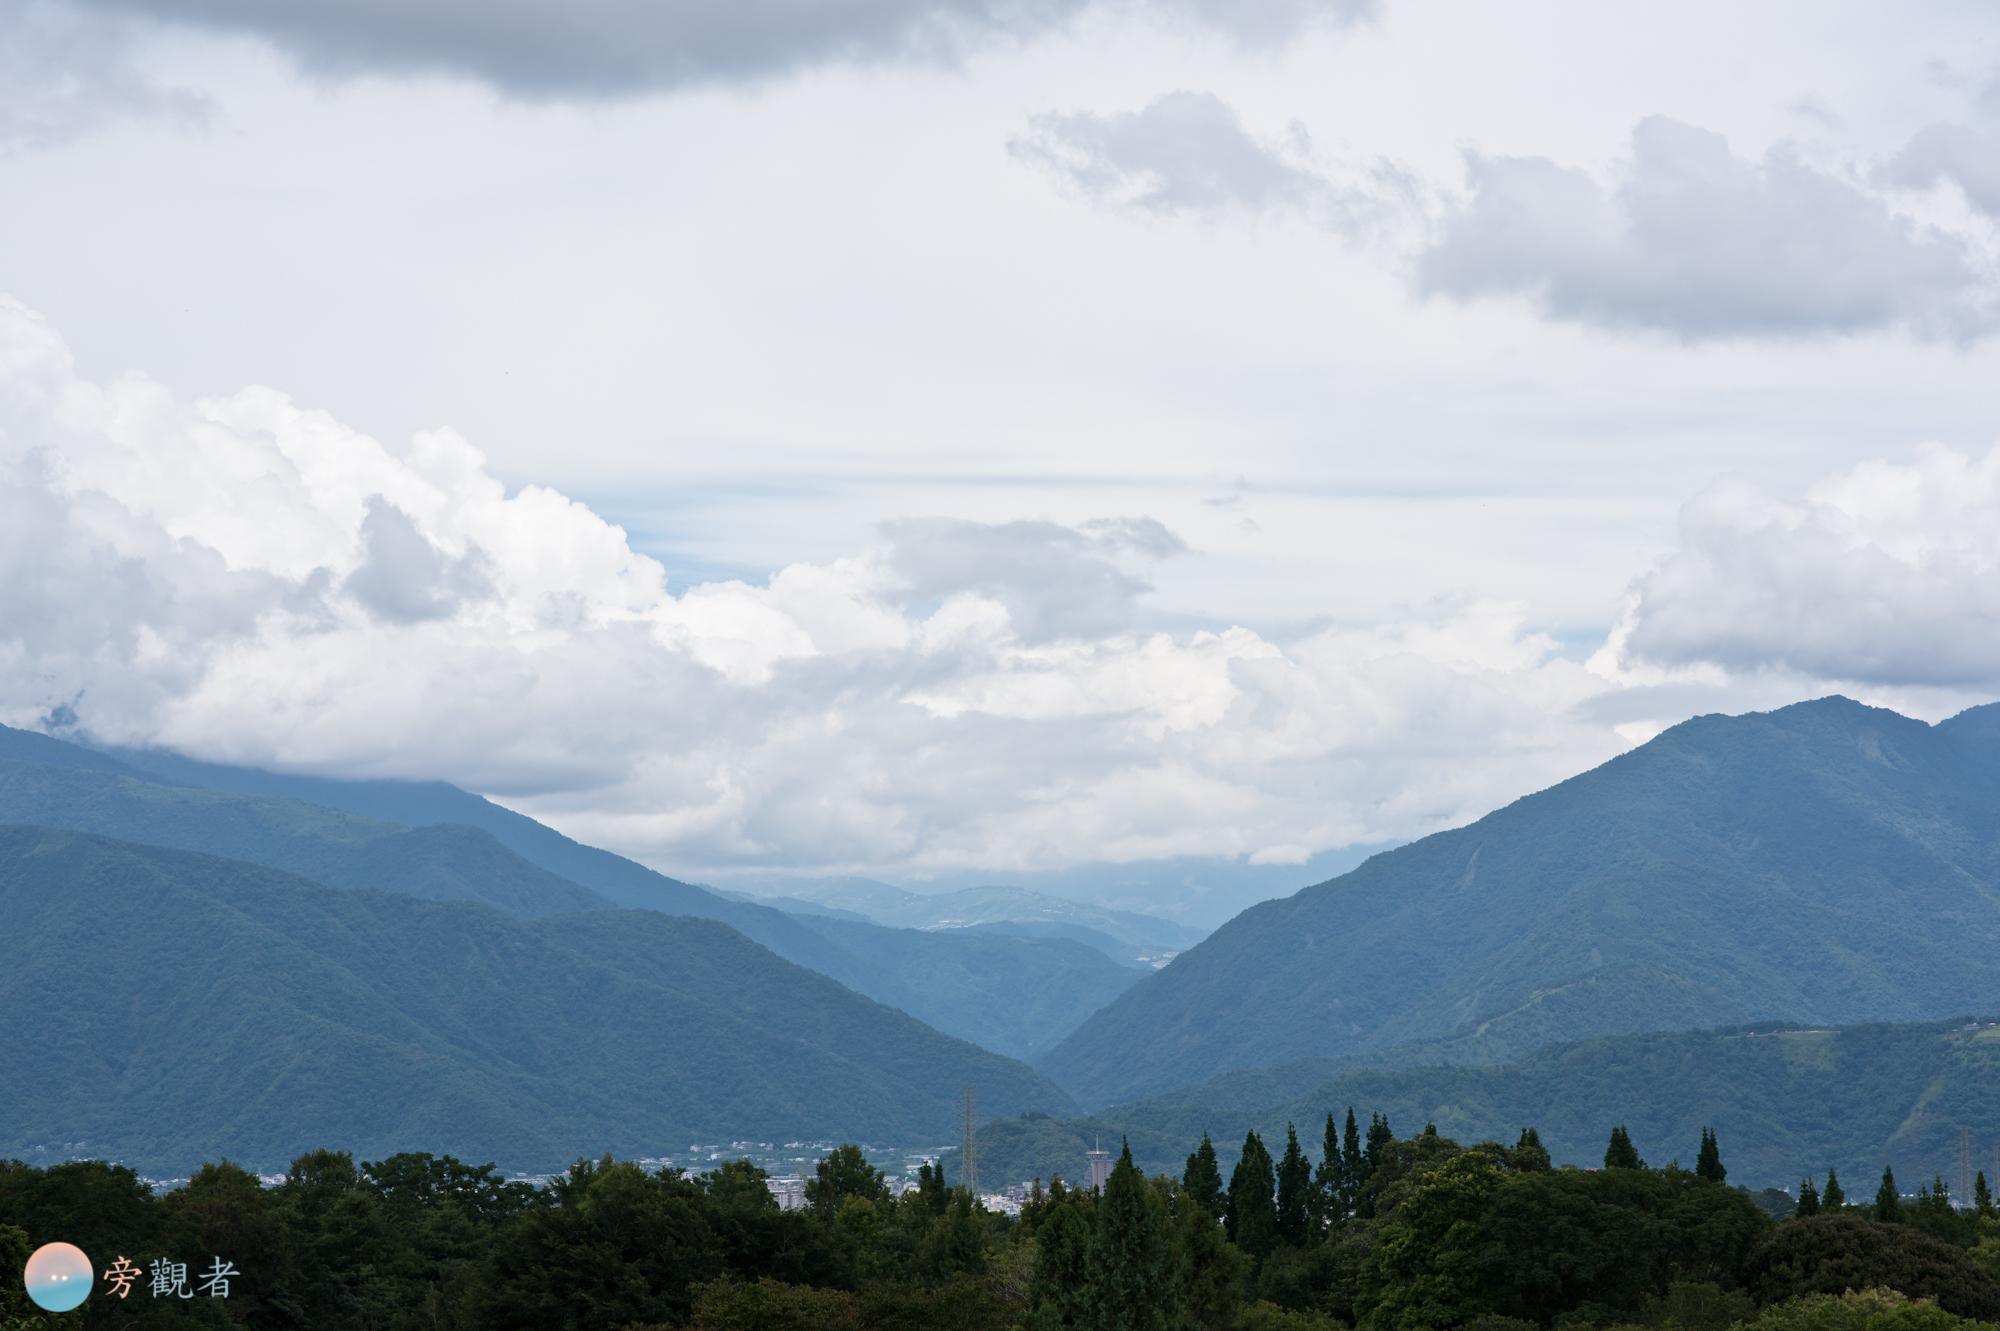 埔里盆地朝向合歡山方向的山峰。南投埔里桃米